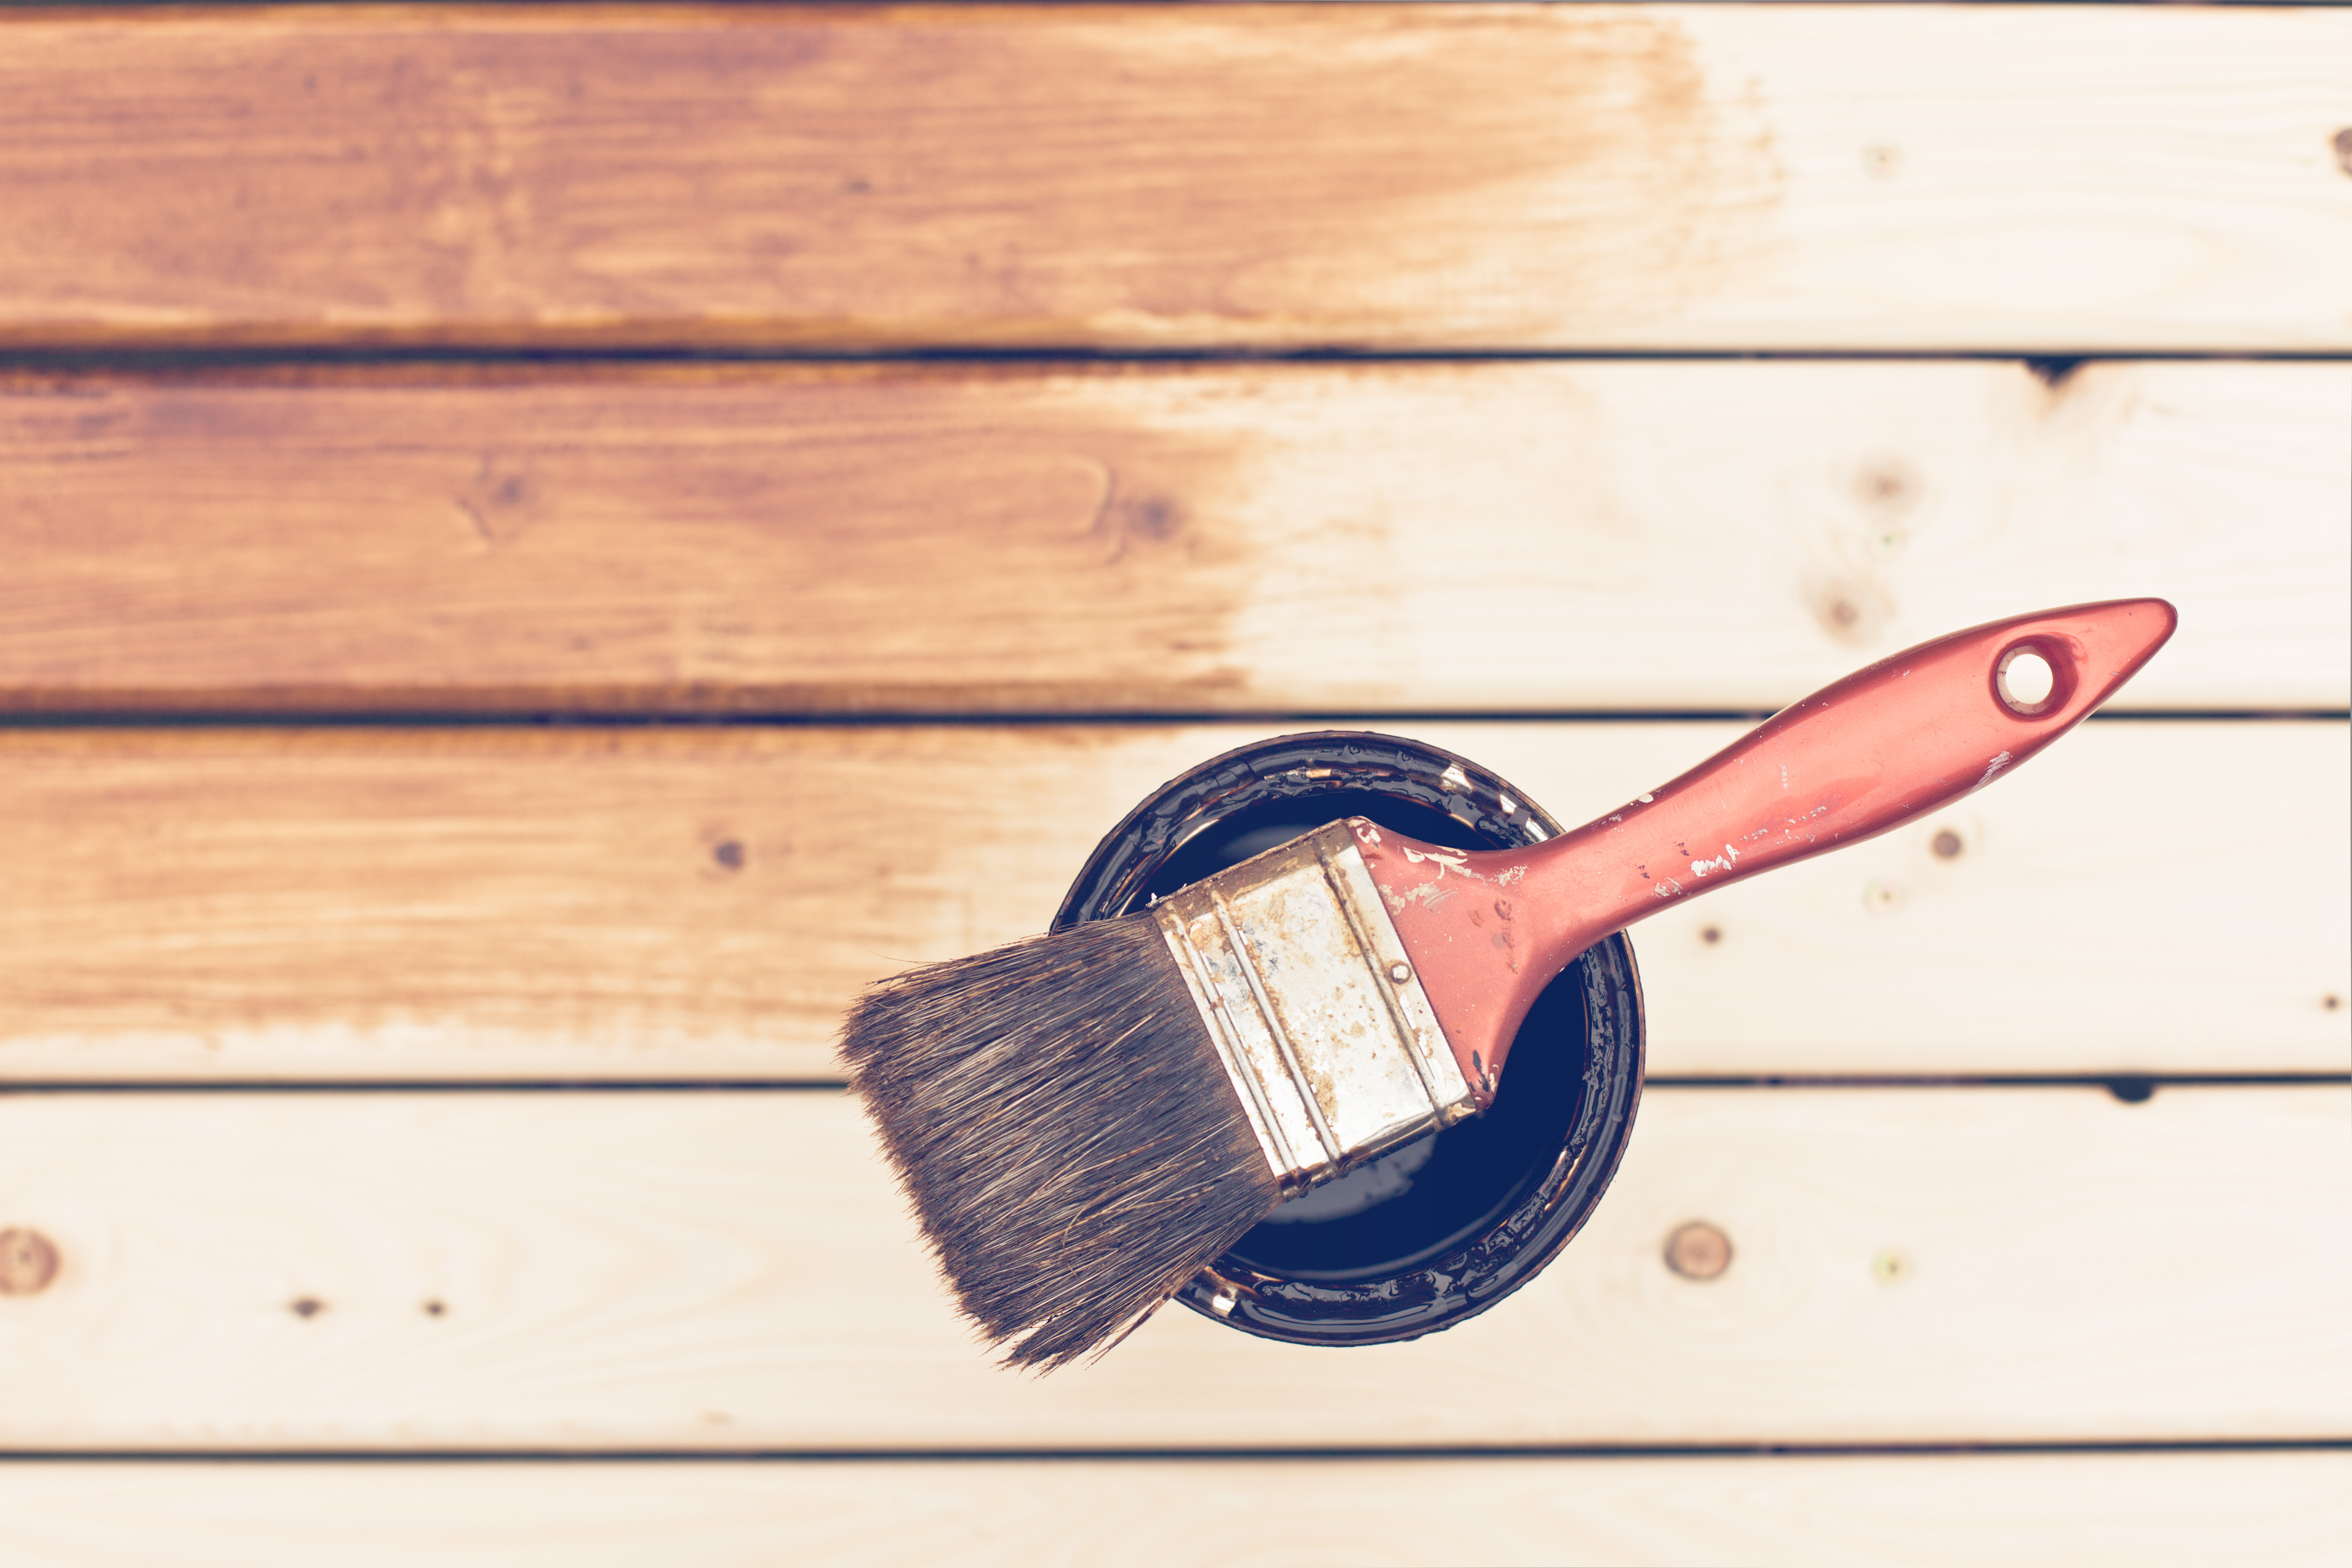 Come restaurare un mobile in legno tilas industra vernici 1957 - Restaurare un mobile in legno ...